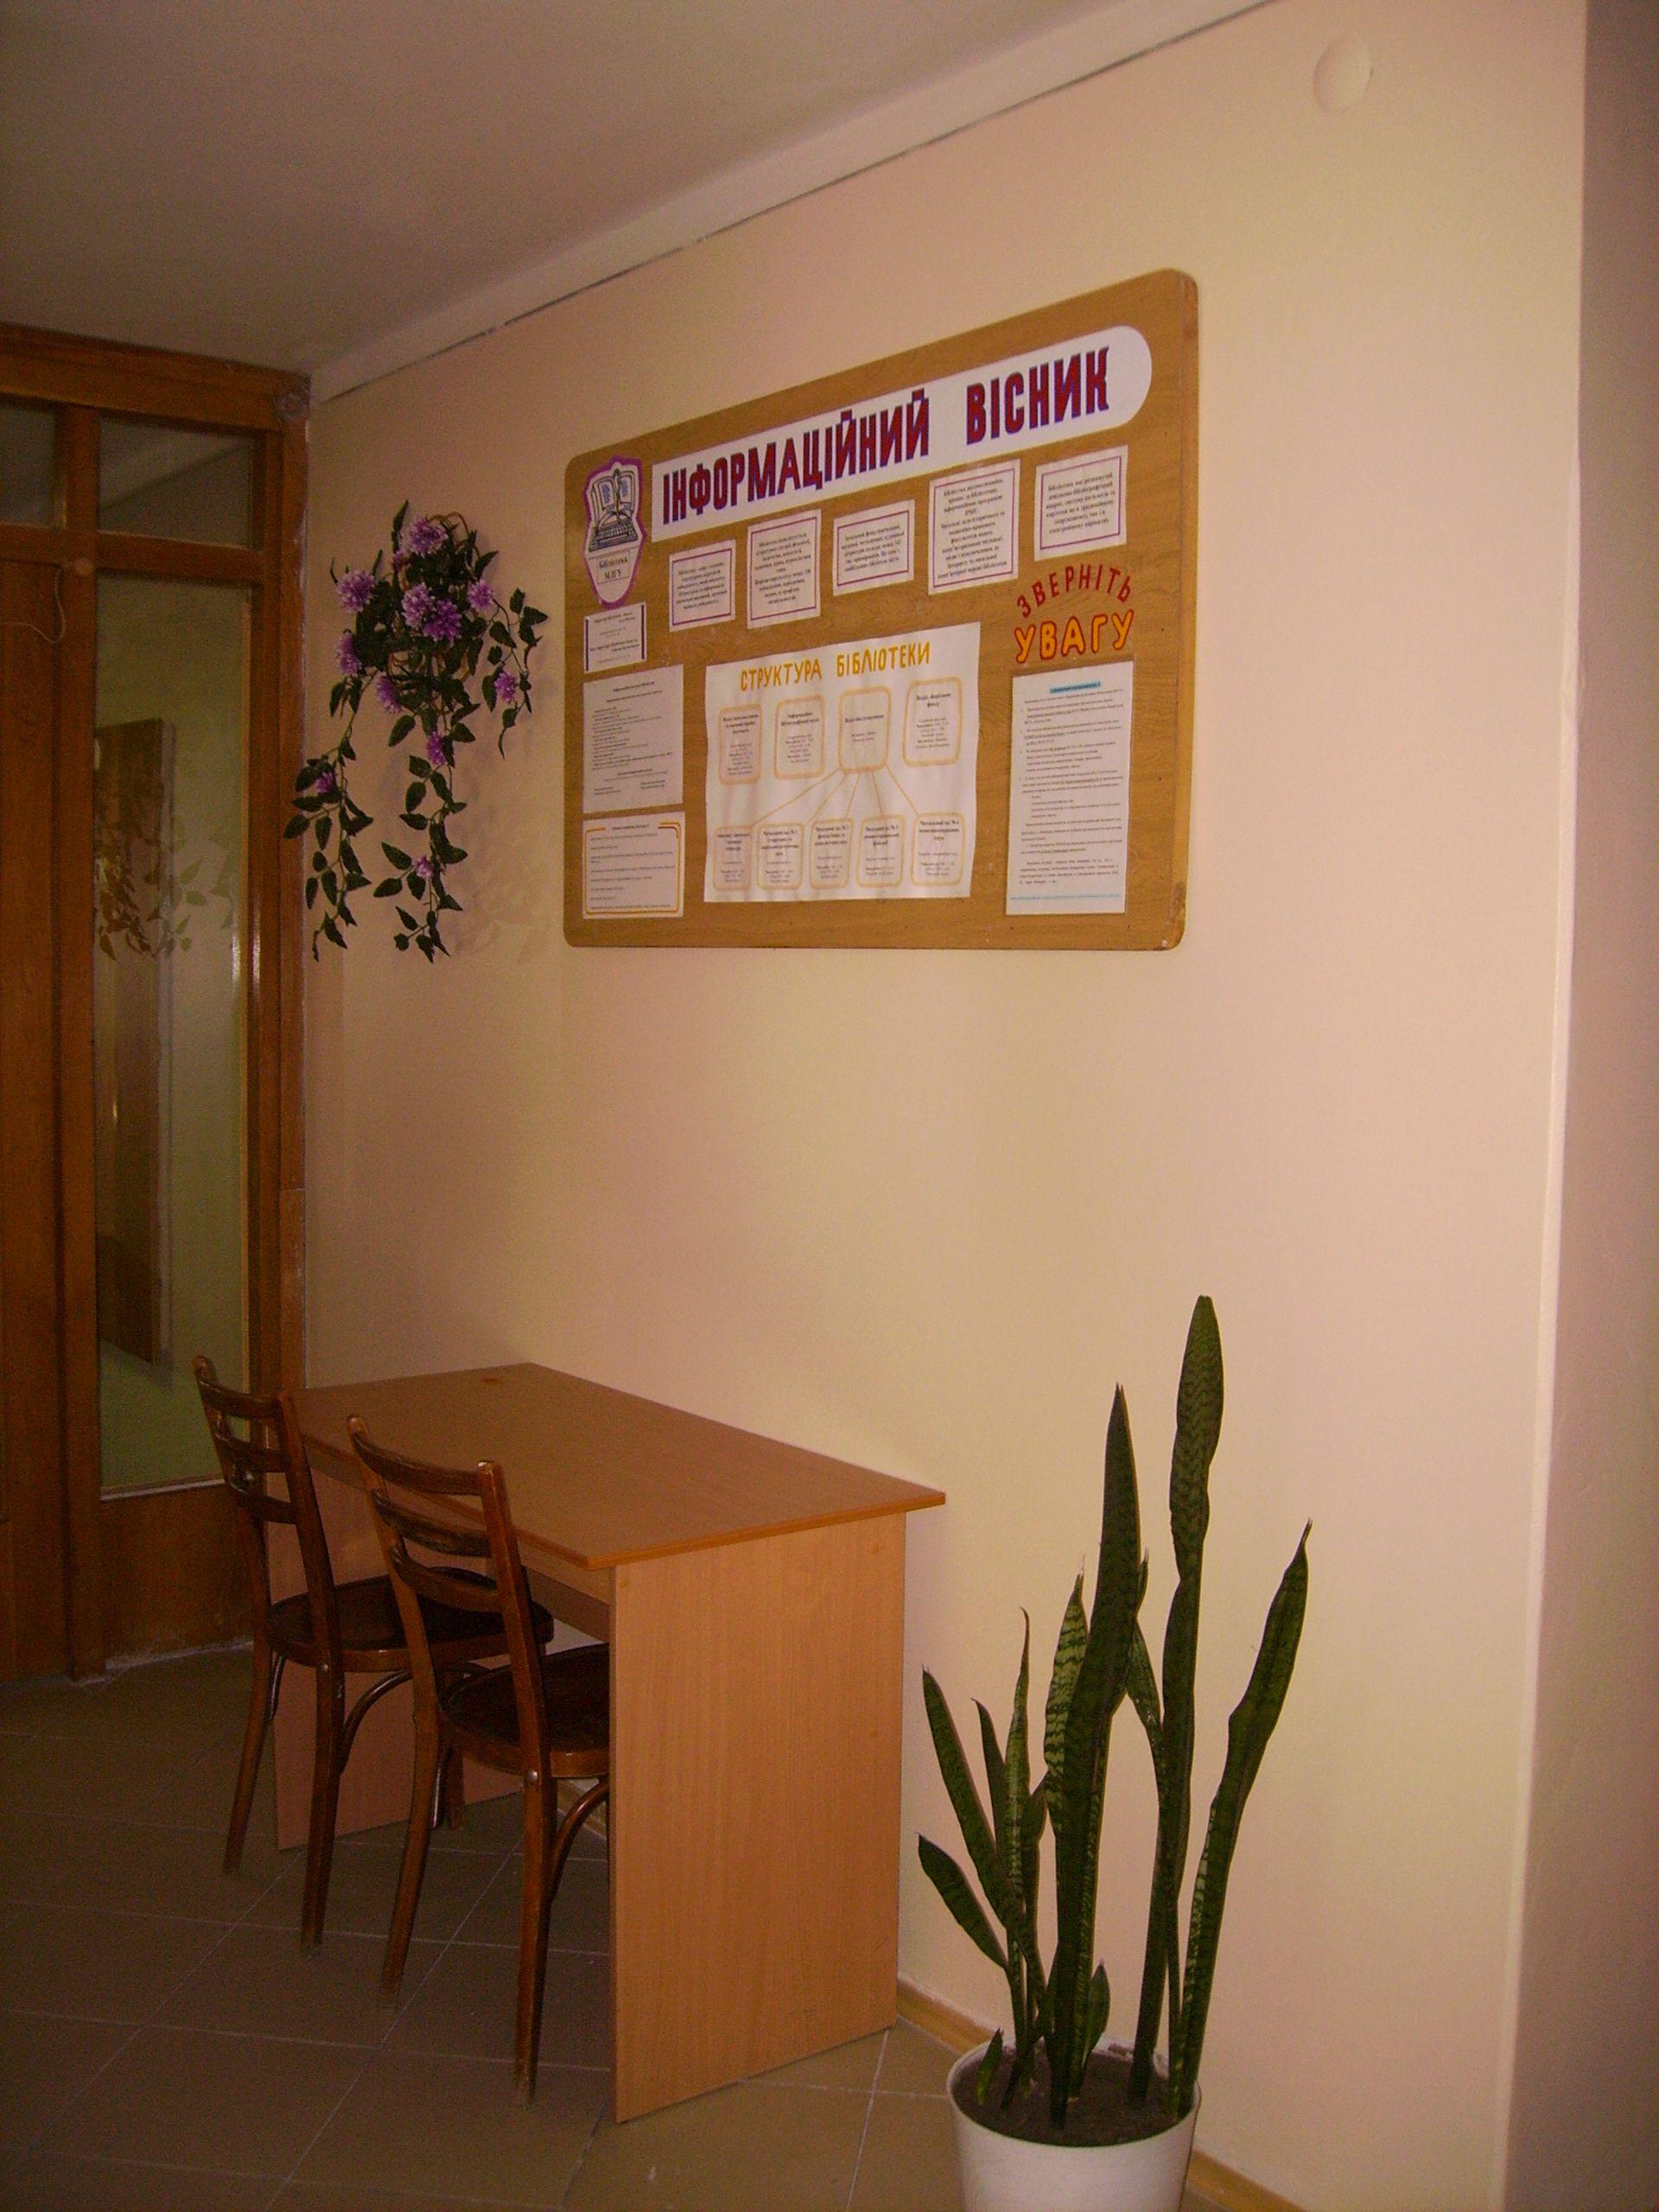 Інформаційний бібліотечний стенд МДГУ (2007 р.)